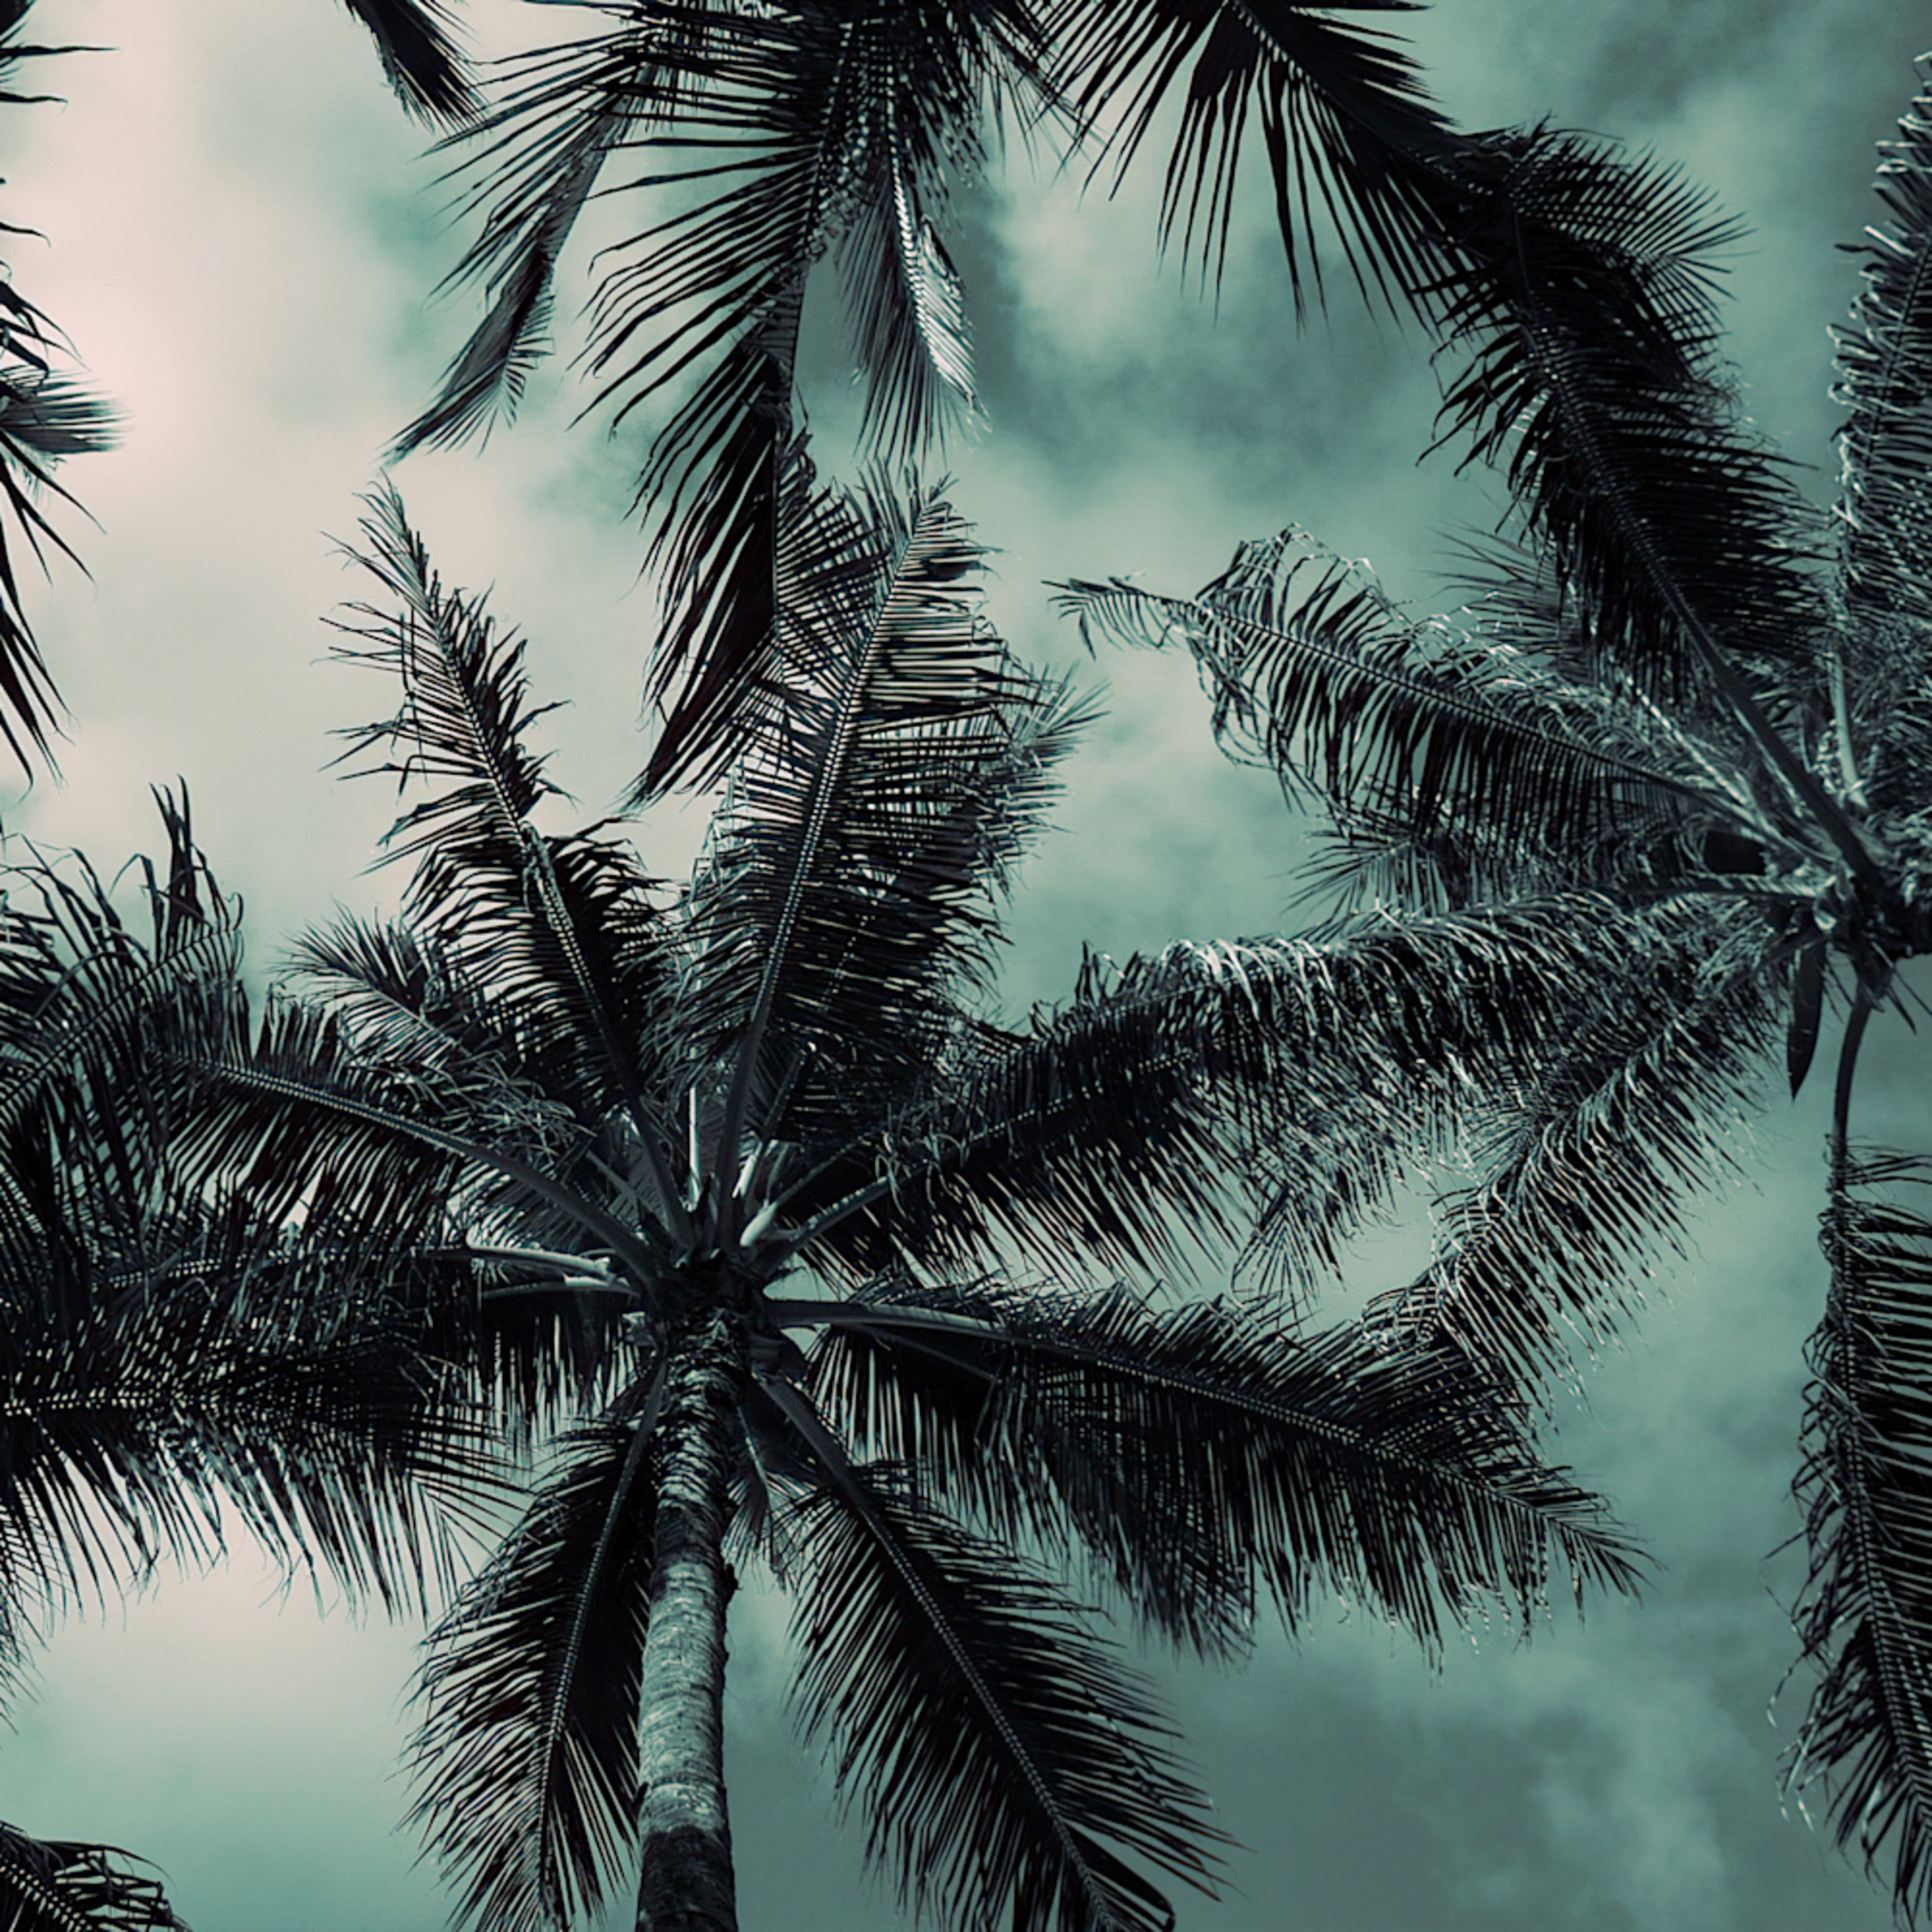 Palm trees  lifzmd